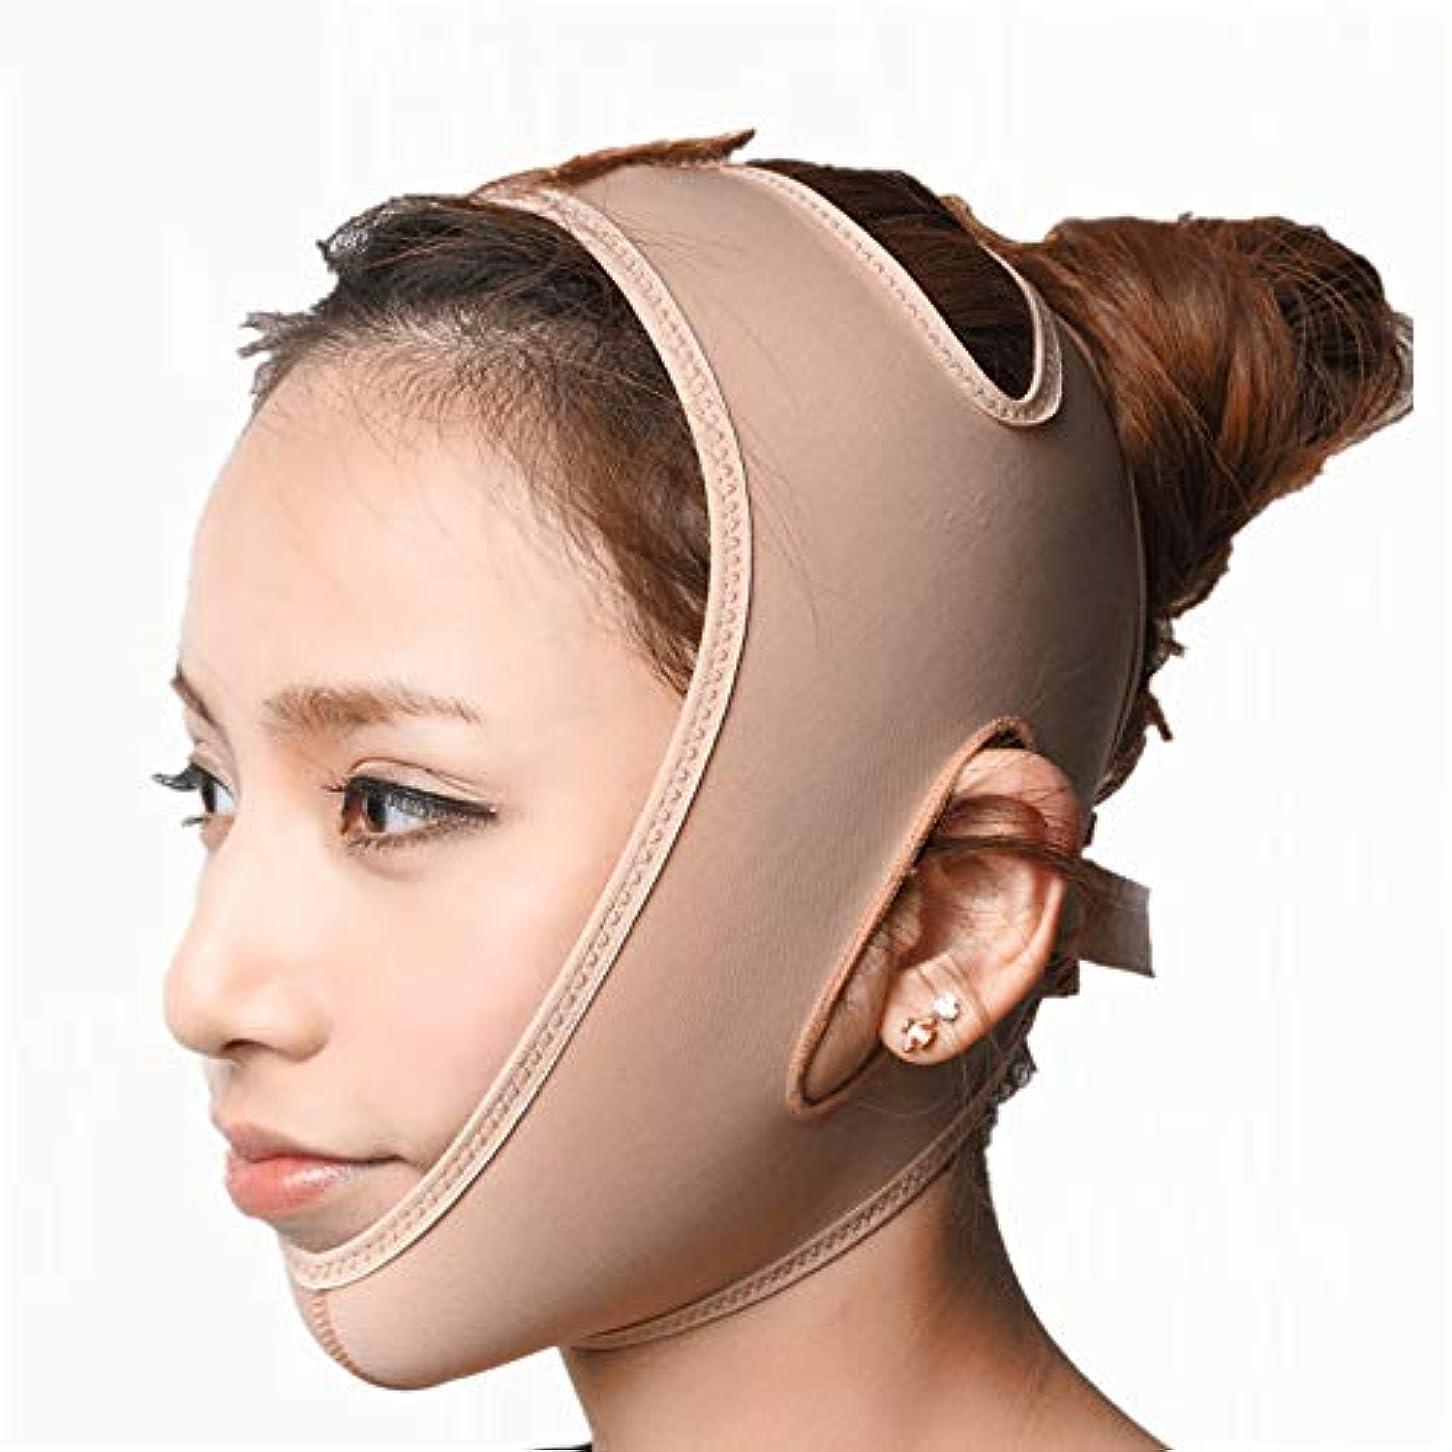 コモランマ値下げ法令薄い顔のベルト - 薄い顔のアーチファクトVの顔の包帯マスクの顔のマッサージャー薄いダブルの顎のデバイス 美しさ